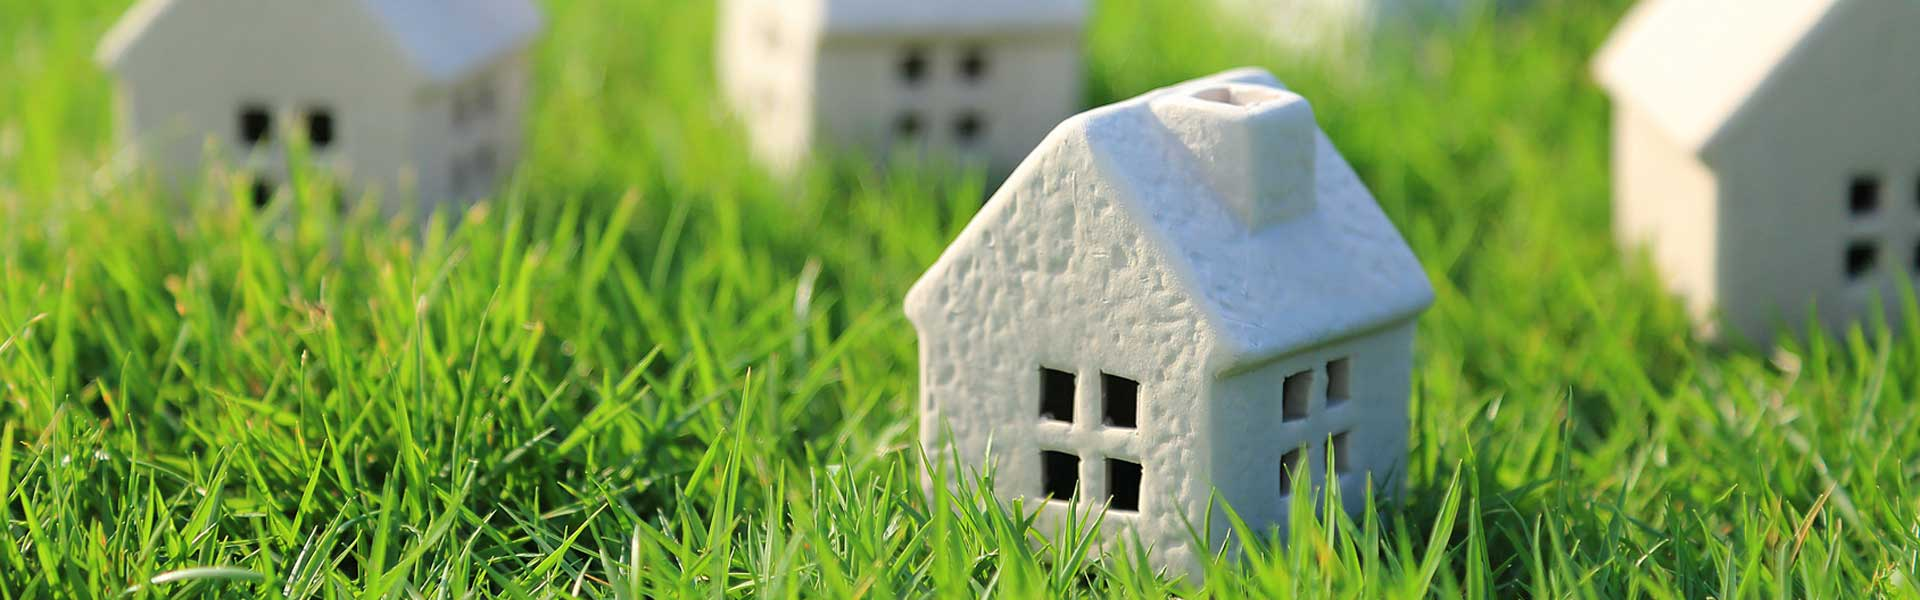 Estimation immobilière à MONTREUIL SOUS PEROUSE, LANDAVRAN, VAL D'IZE, CHAMPEAUX, MARPIRE, DOURDAIN ou LA BOUEXIERE (35)